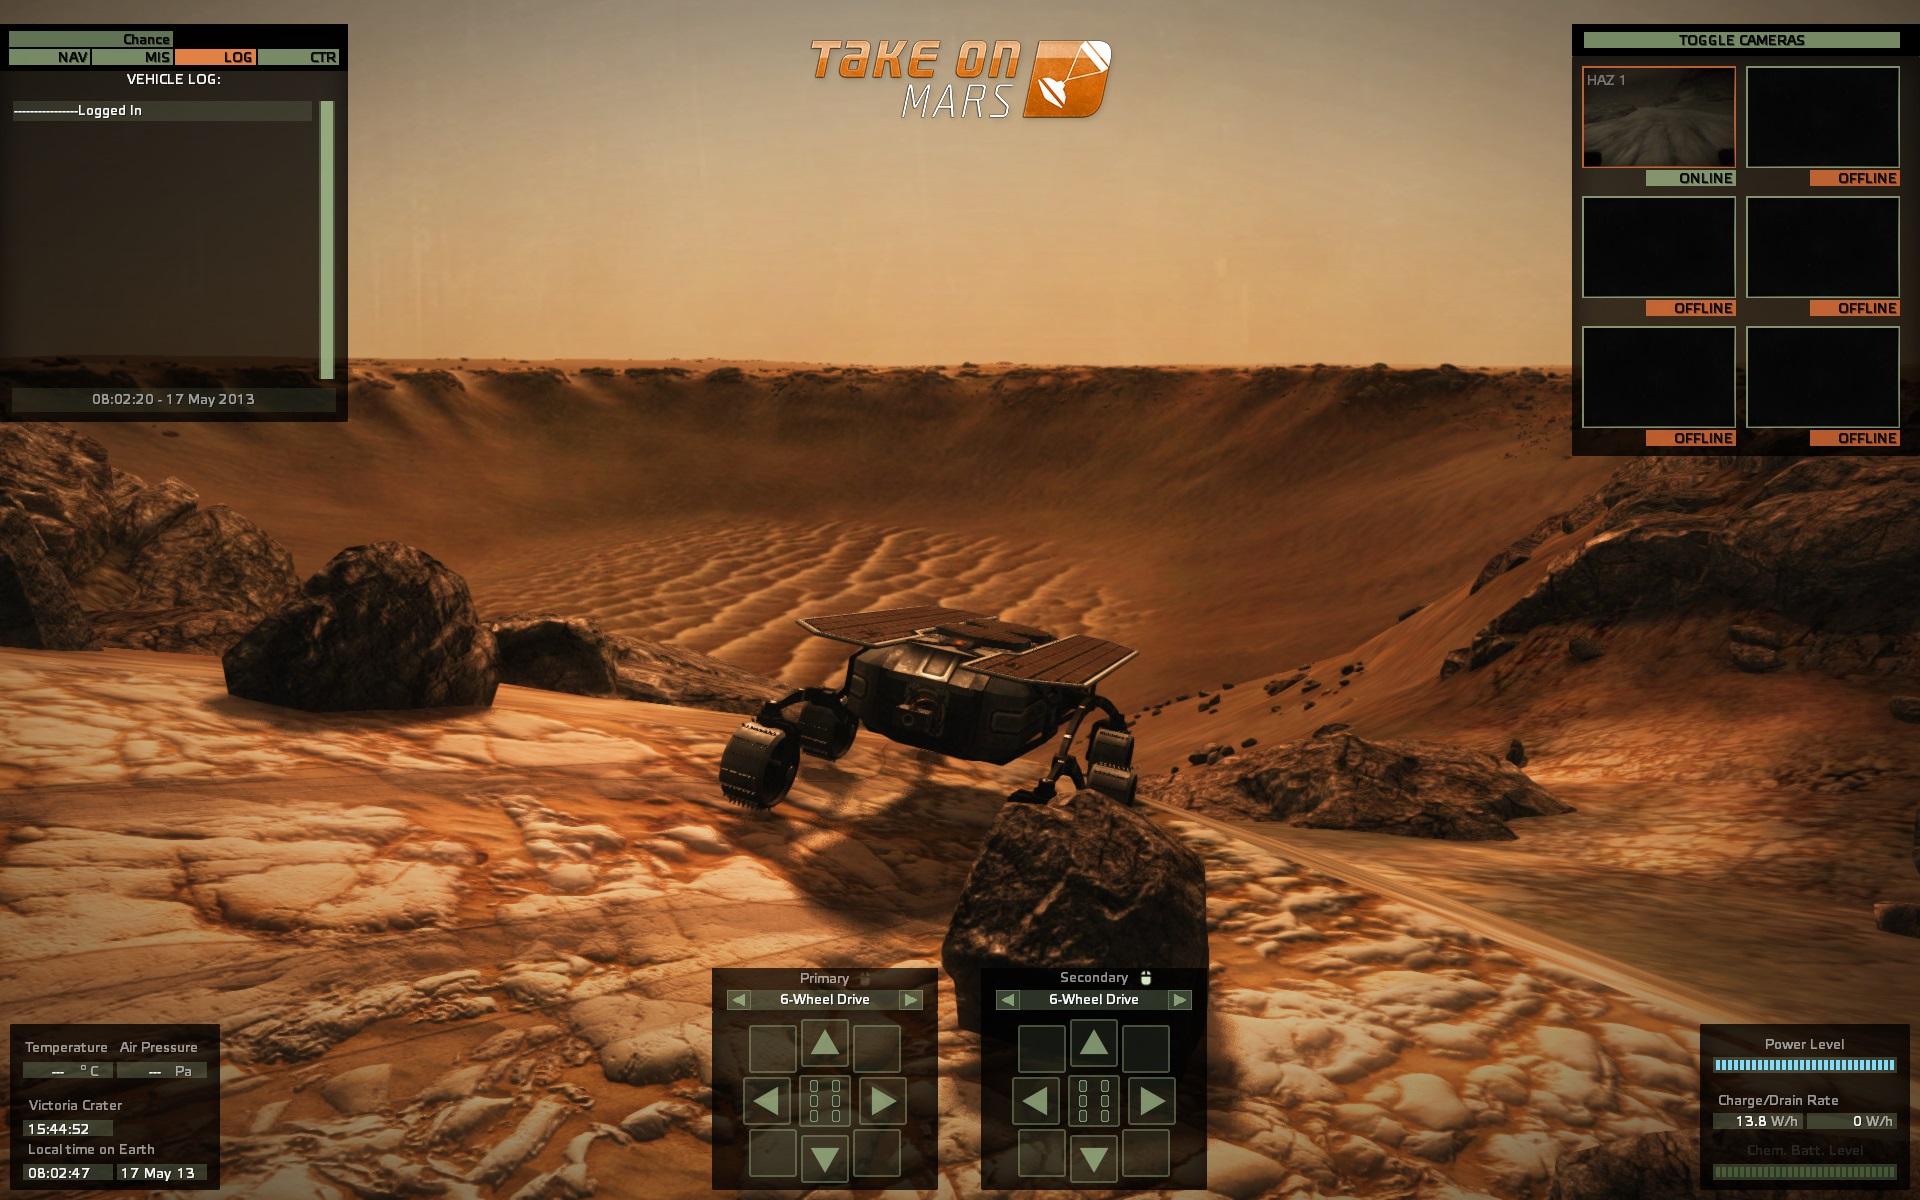 Rozhovor s Martinem Melichárkem, vedoucím vývoje Take On Mars 83124